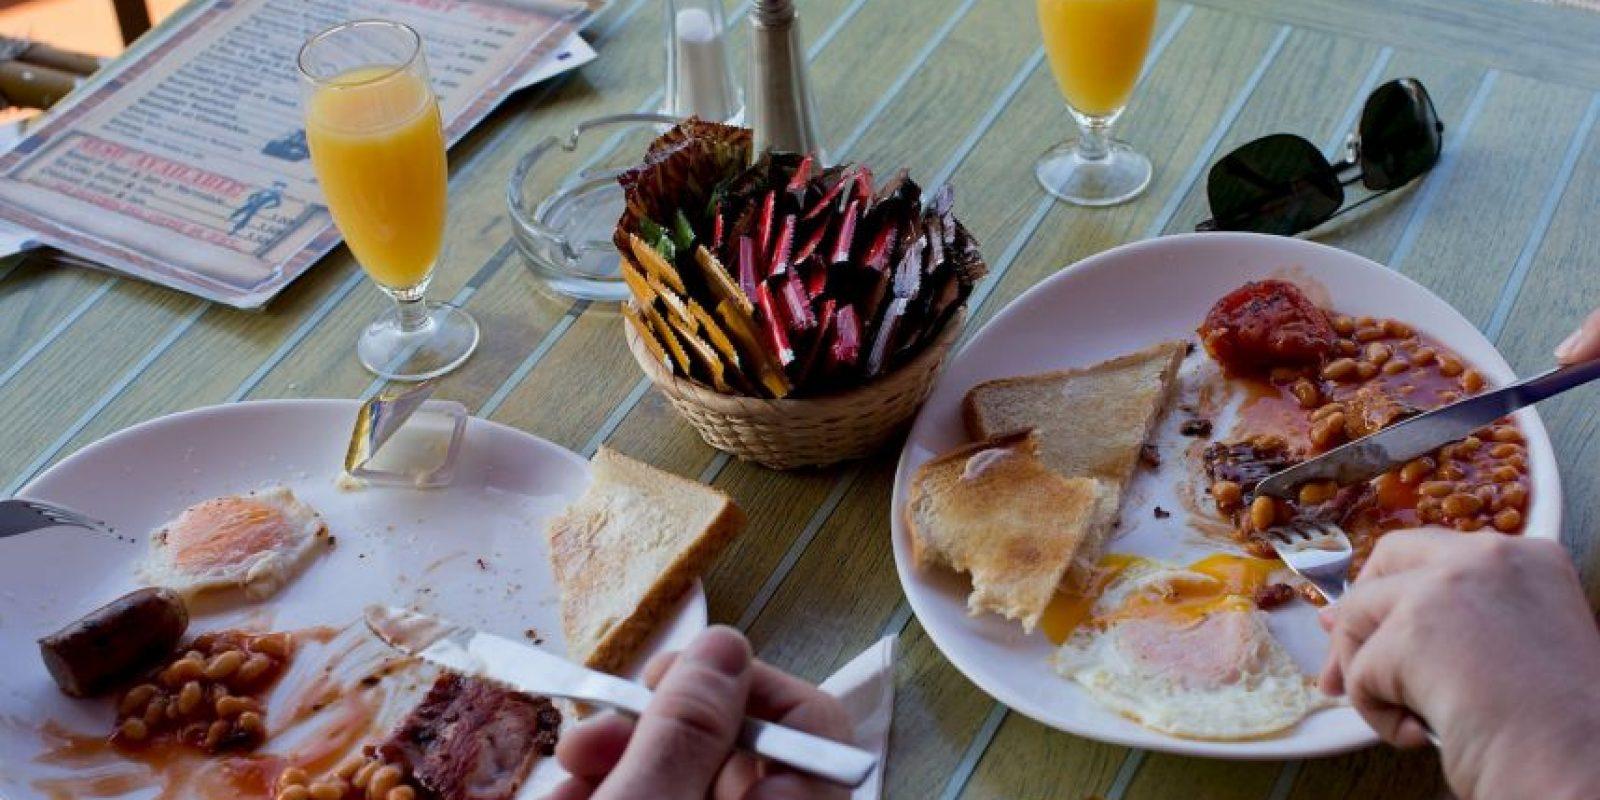 Se recomienda comer sobre una silla, sin distracciones y saboreando cada bocado. Foto:Getty Images